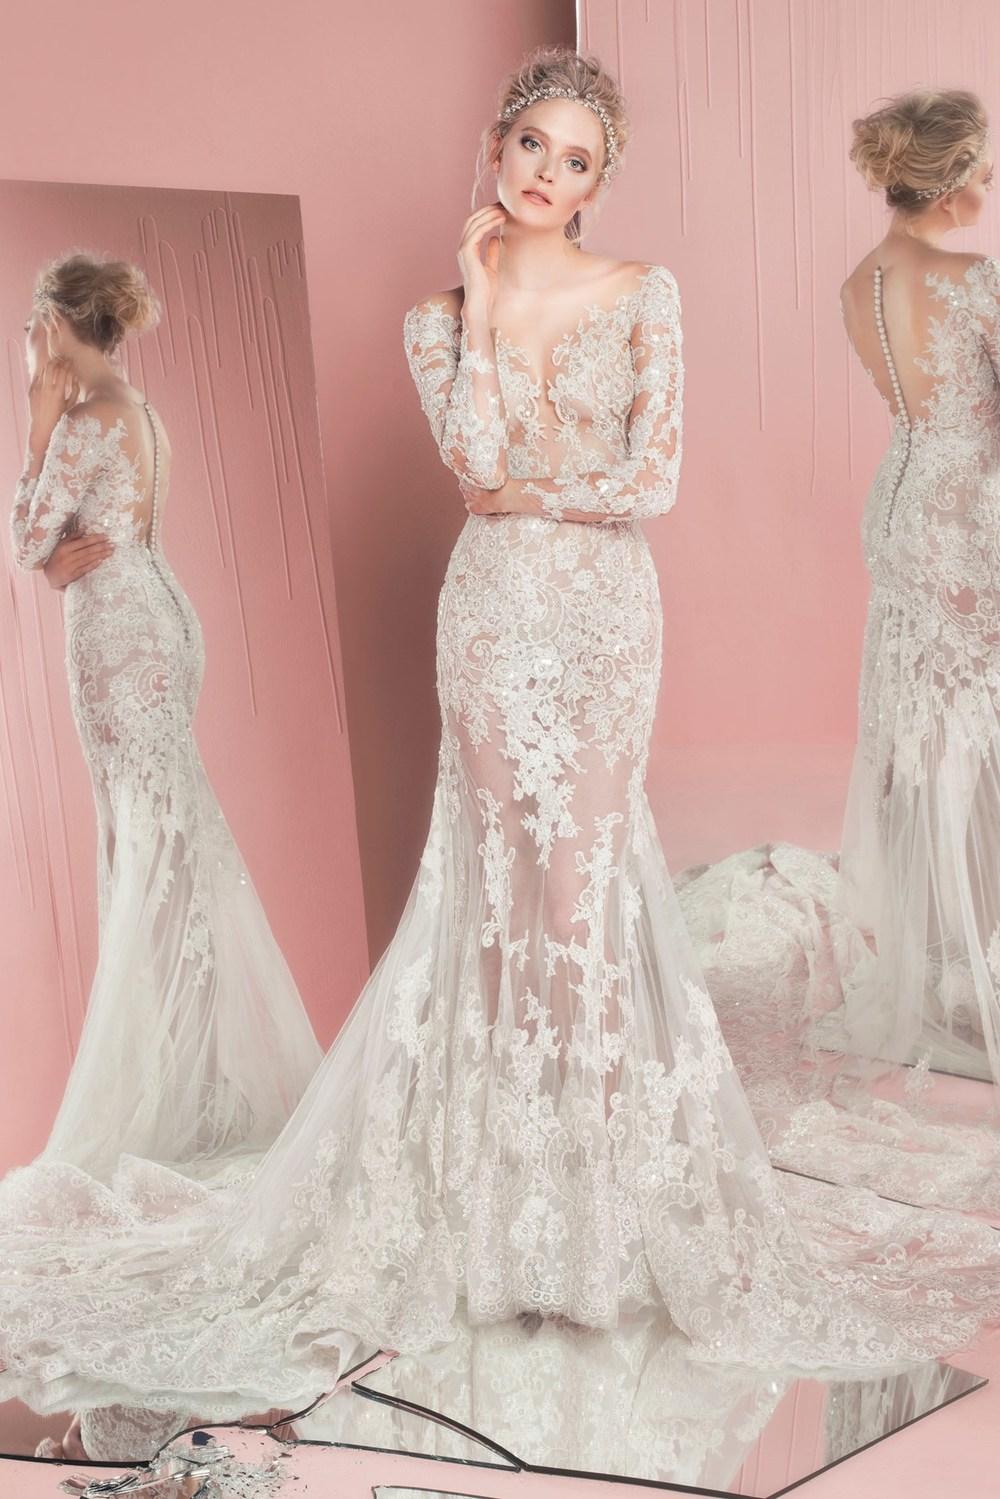 Sofia-Vergara-Wear-Zuhair-Murad-Her-Wedding (5).jpg